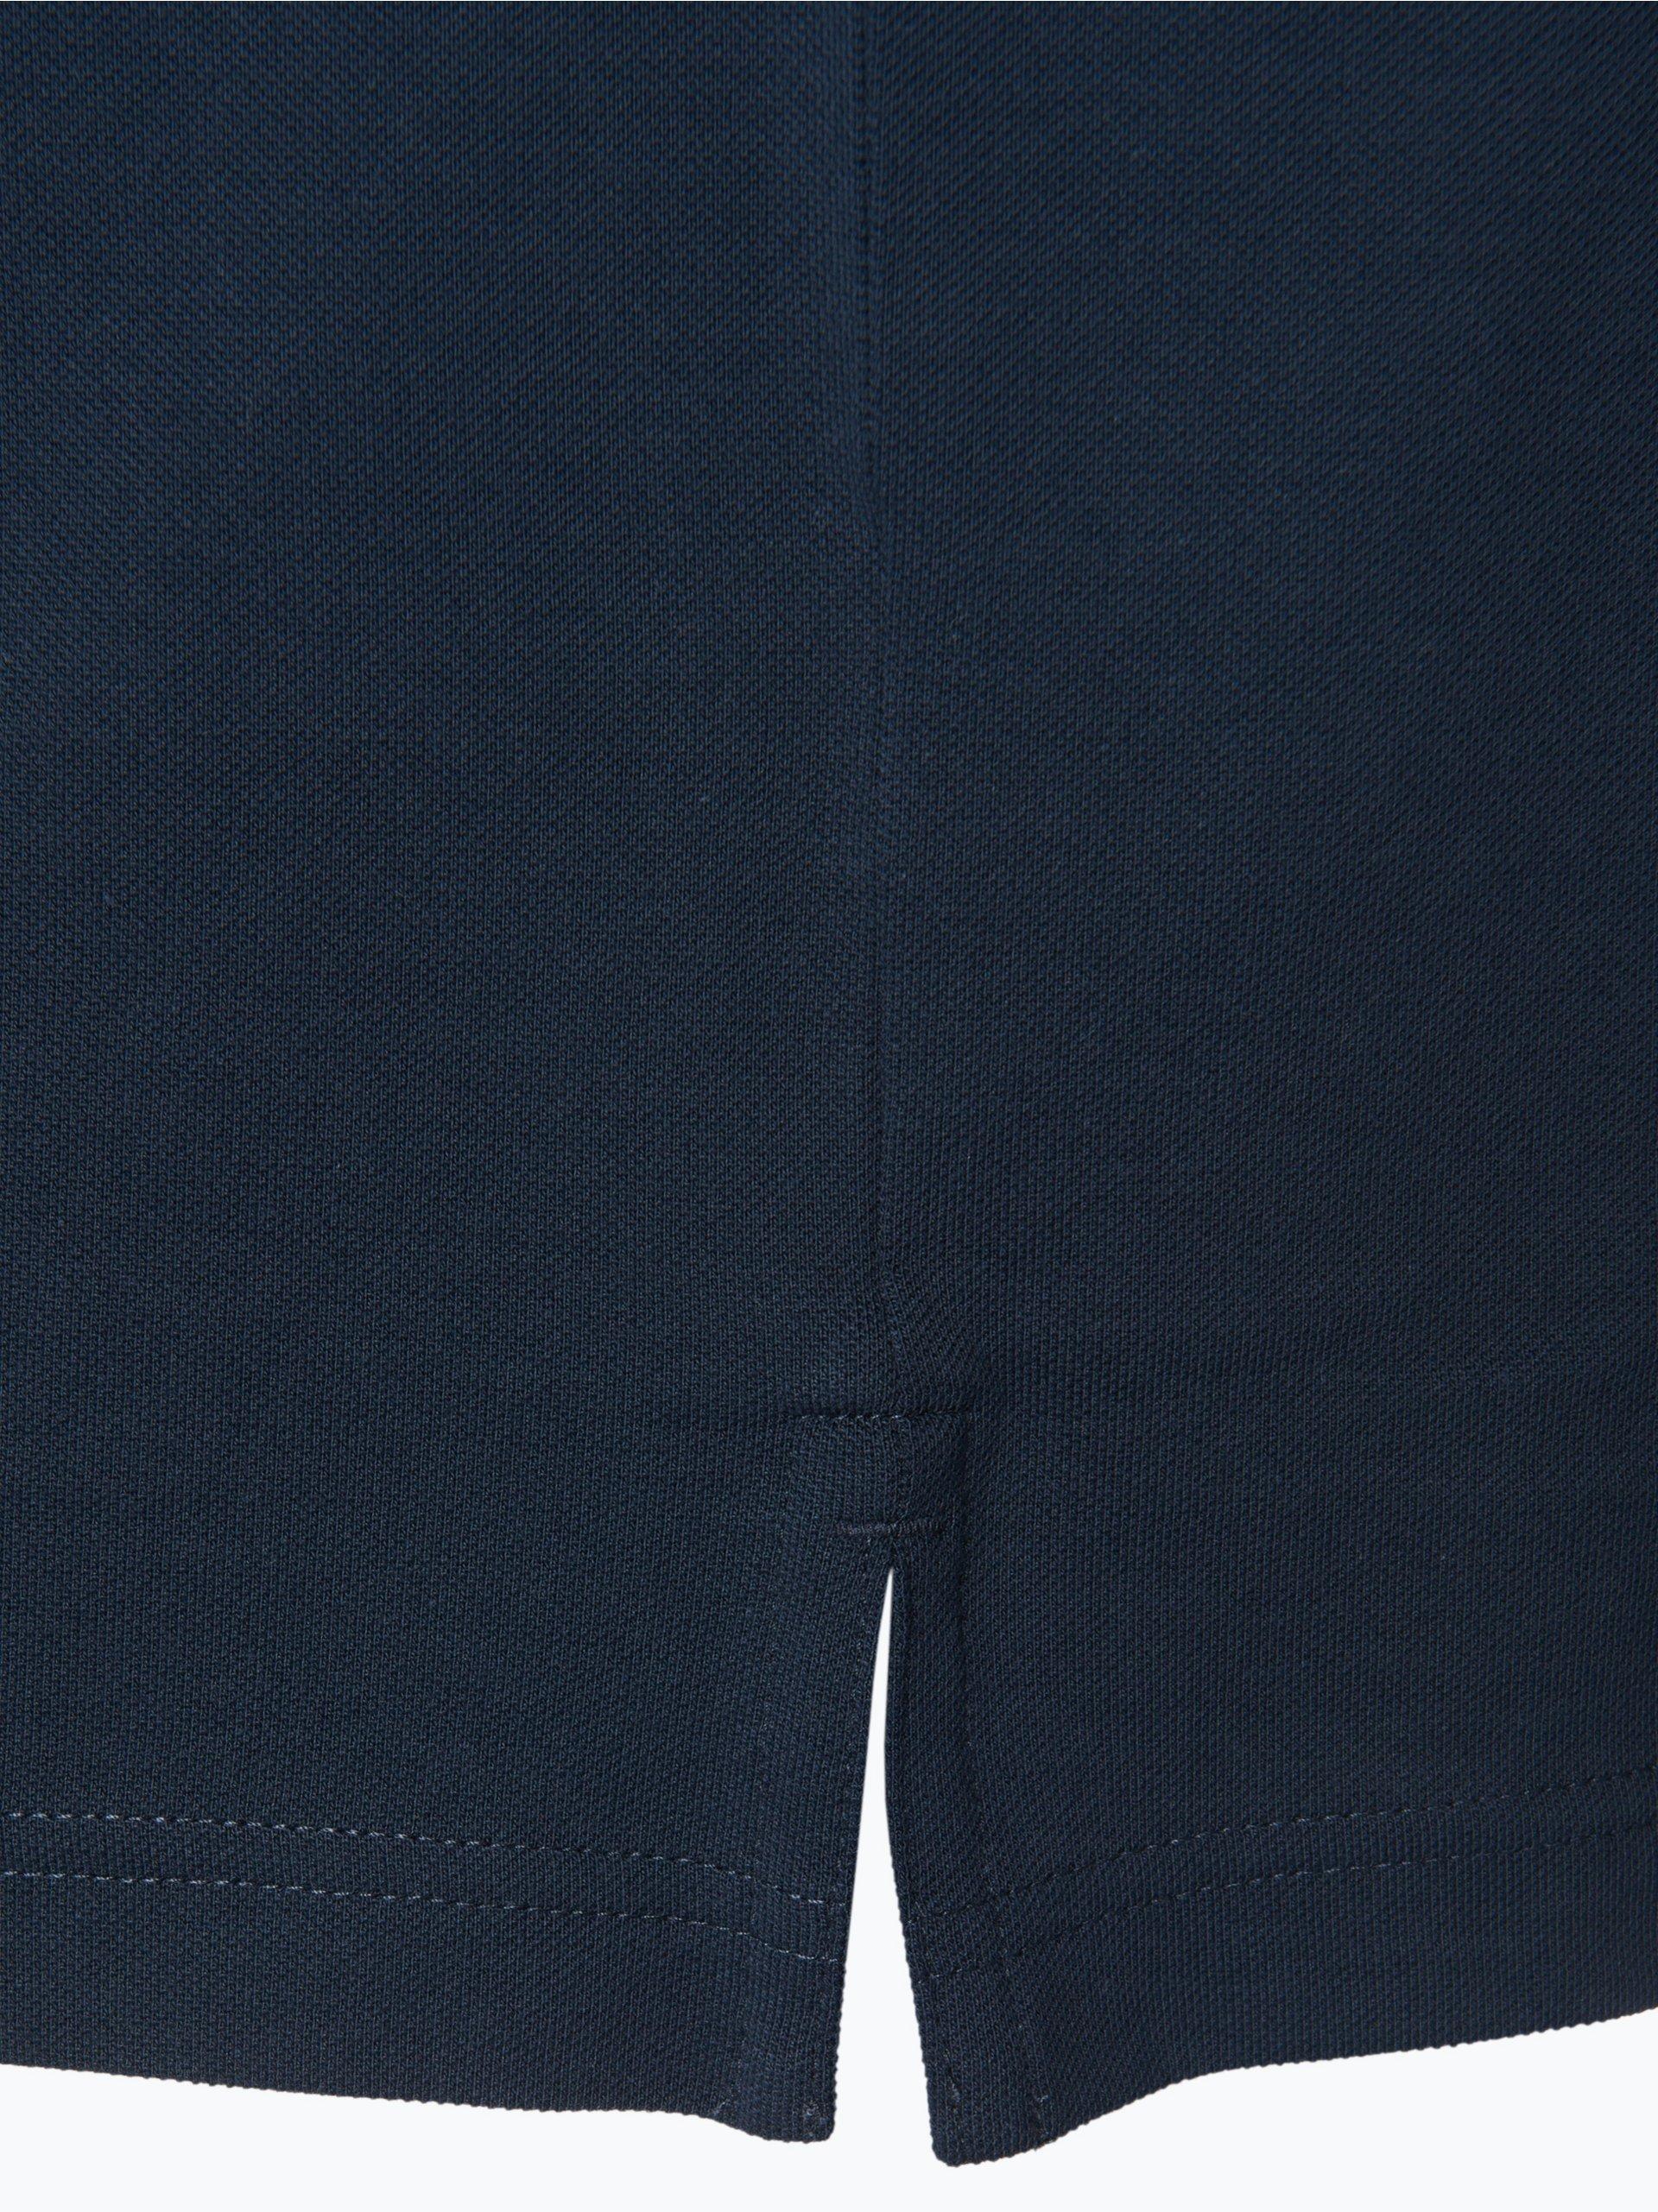 BOSS Menswear Athleisure Herren Poloshirt - C-Firenze/Logo